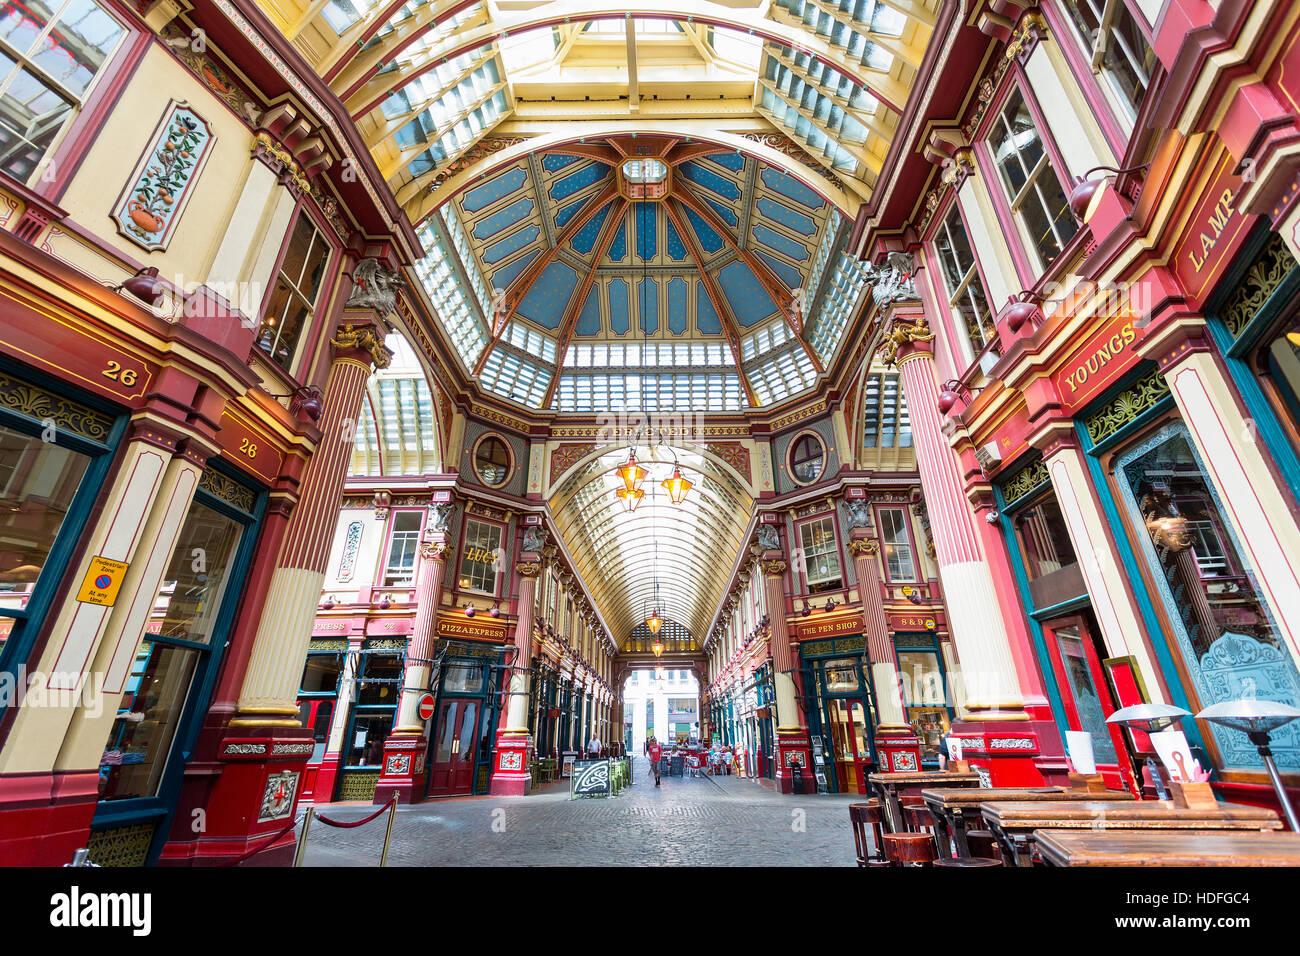 LONDON - Innenansicht der Leadenhall Market, Gracechurch Street, am 25 August 20116 in London, UK, der Markt stammt Stockbild